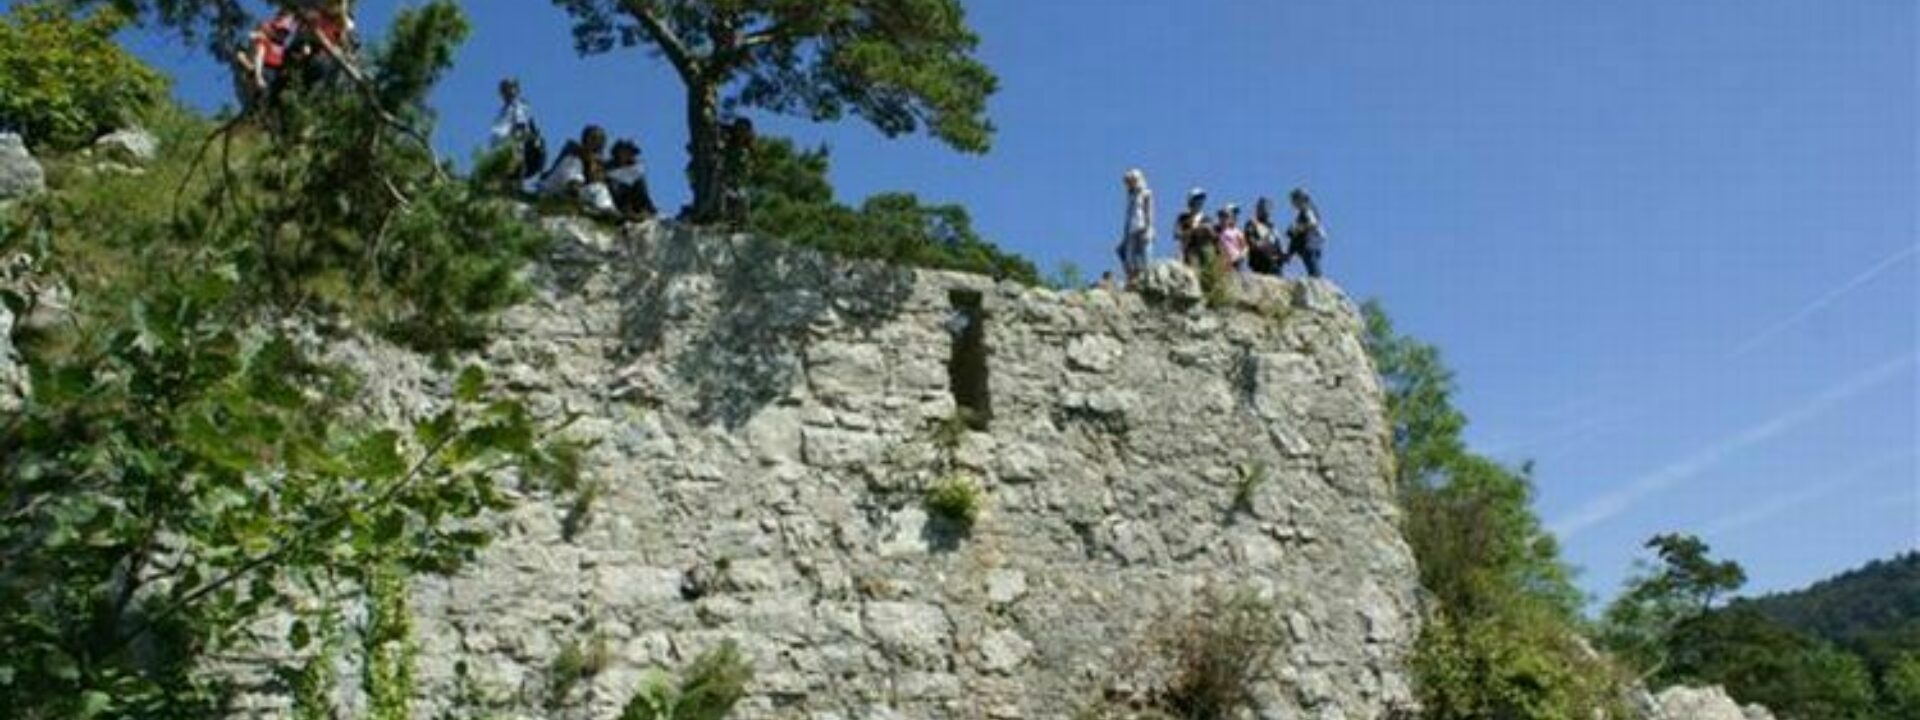 Ruine Rifenstein